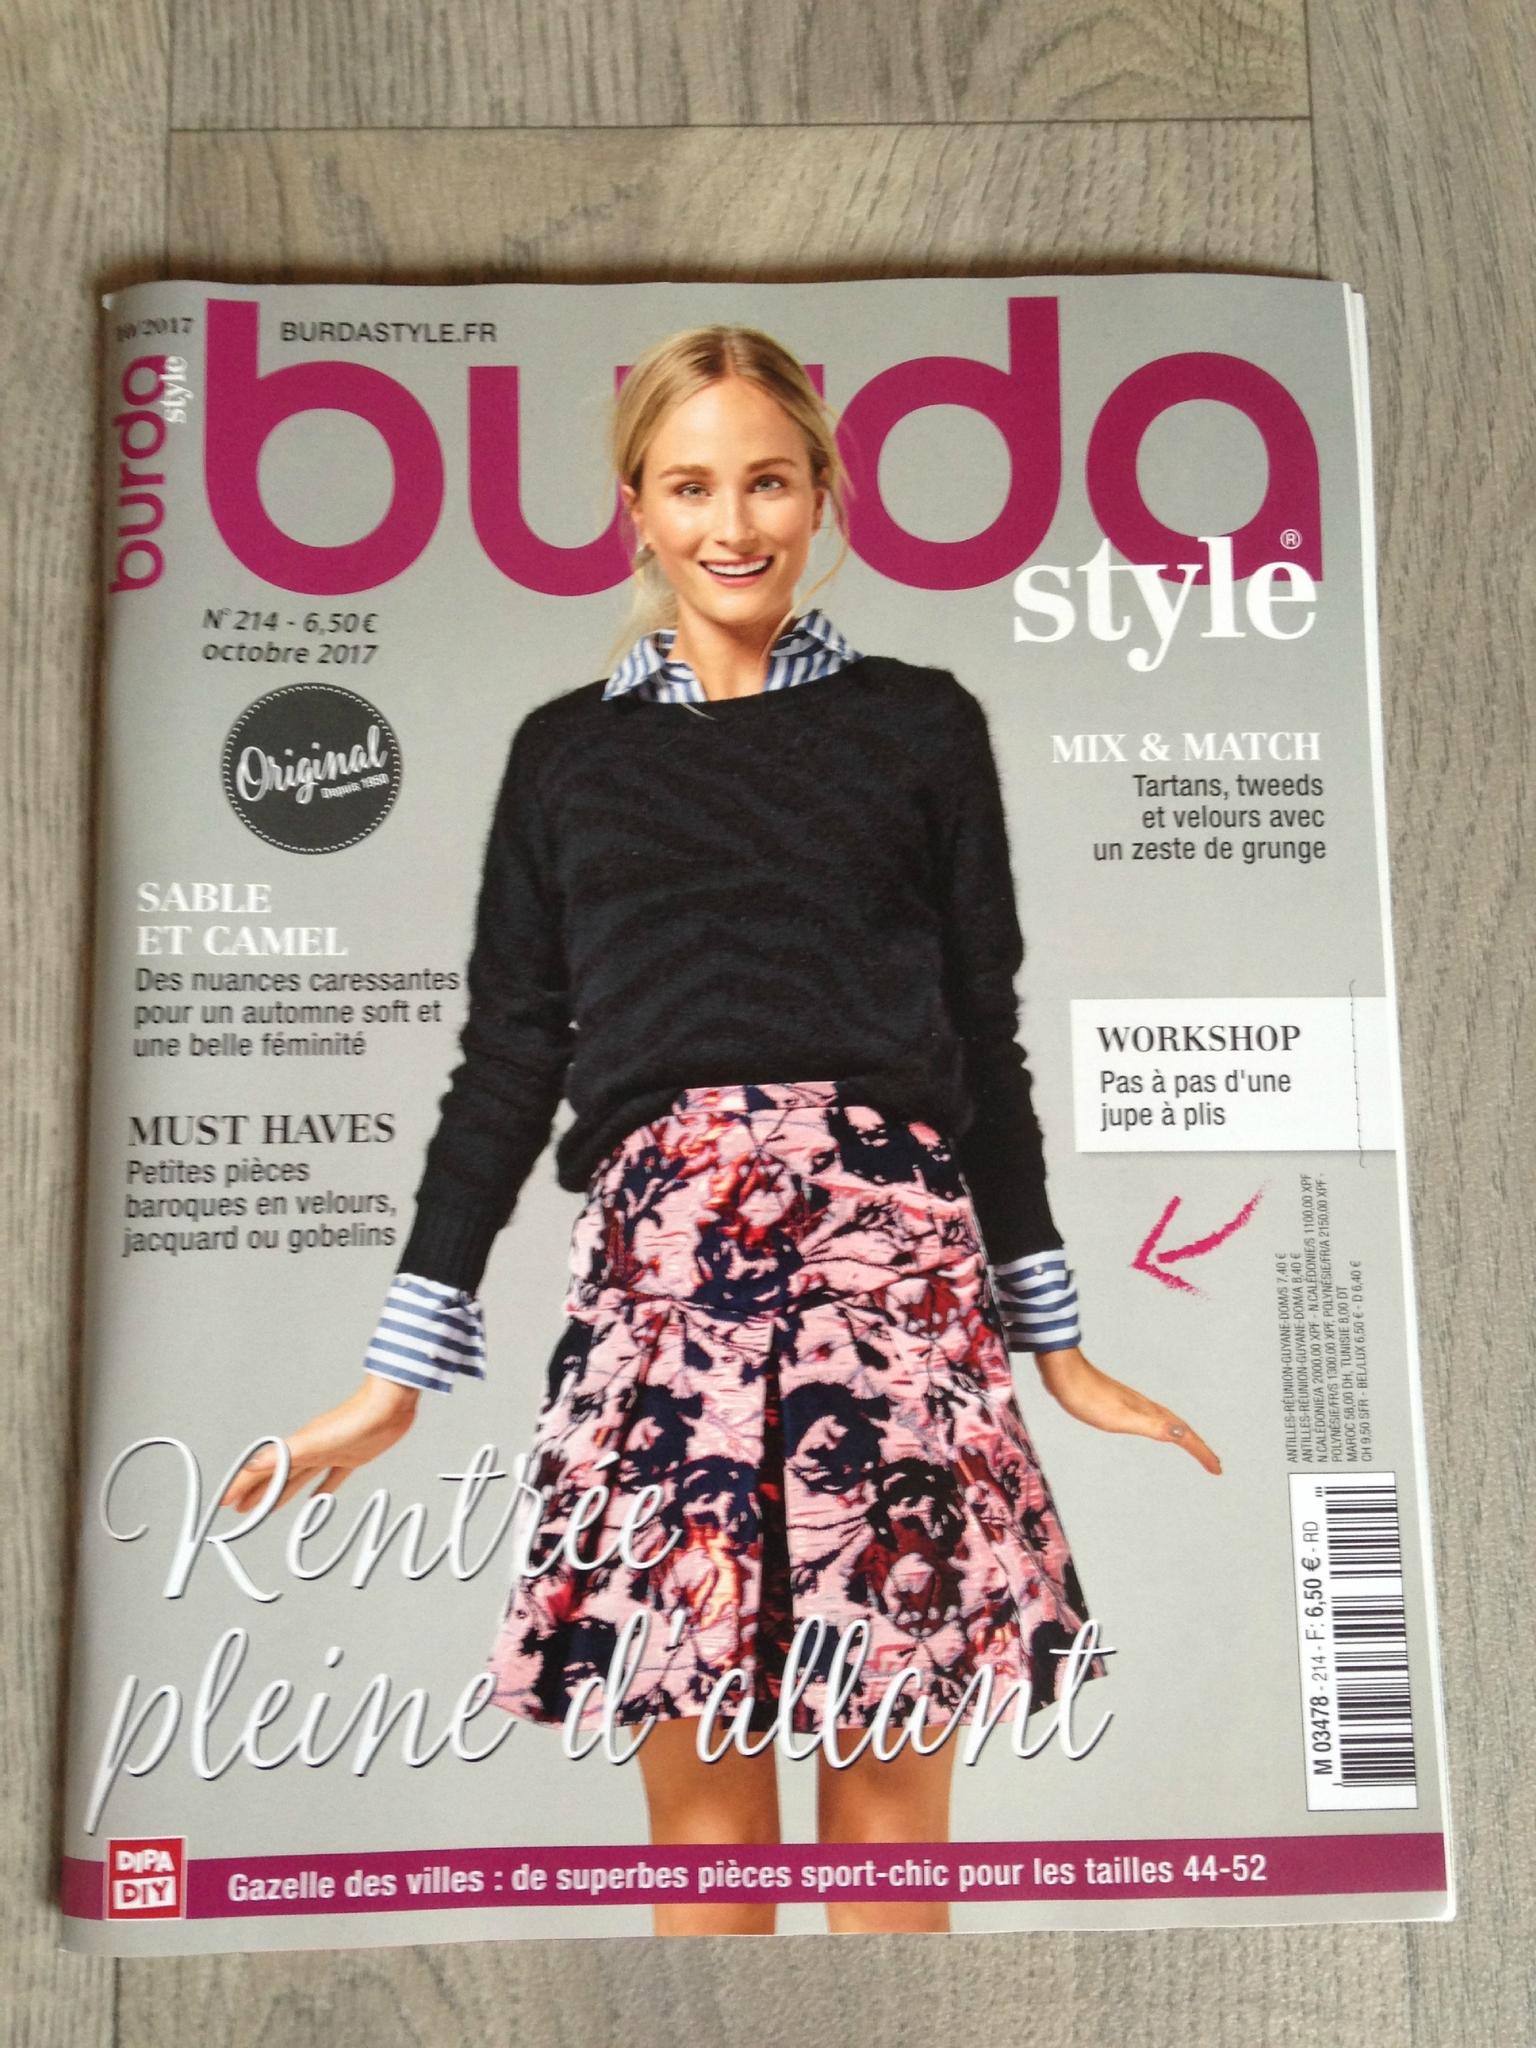 Burda tendance mode octobre 2017